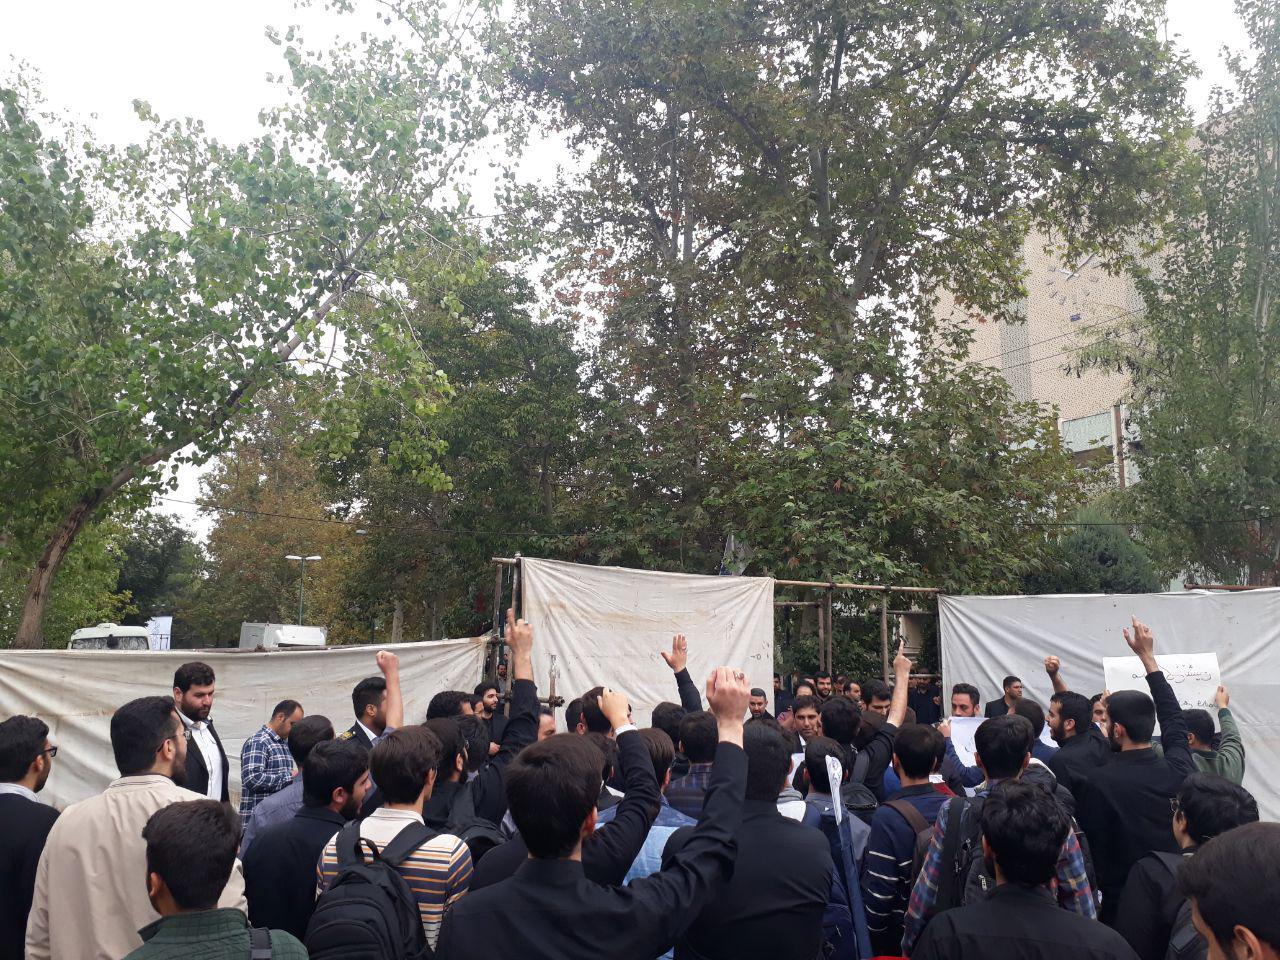 مراسمی به اسم دانشجویان اما به کام مسئولان/ جای خالی حمایتهای آقای وزیر از دانشجویان